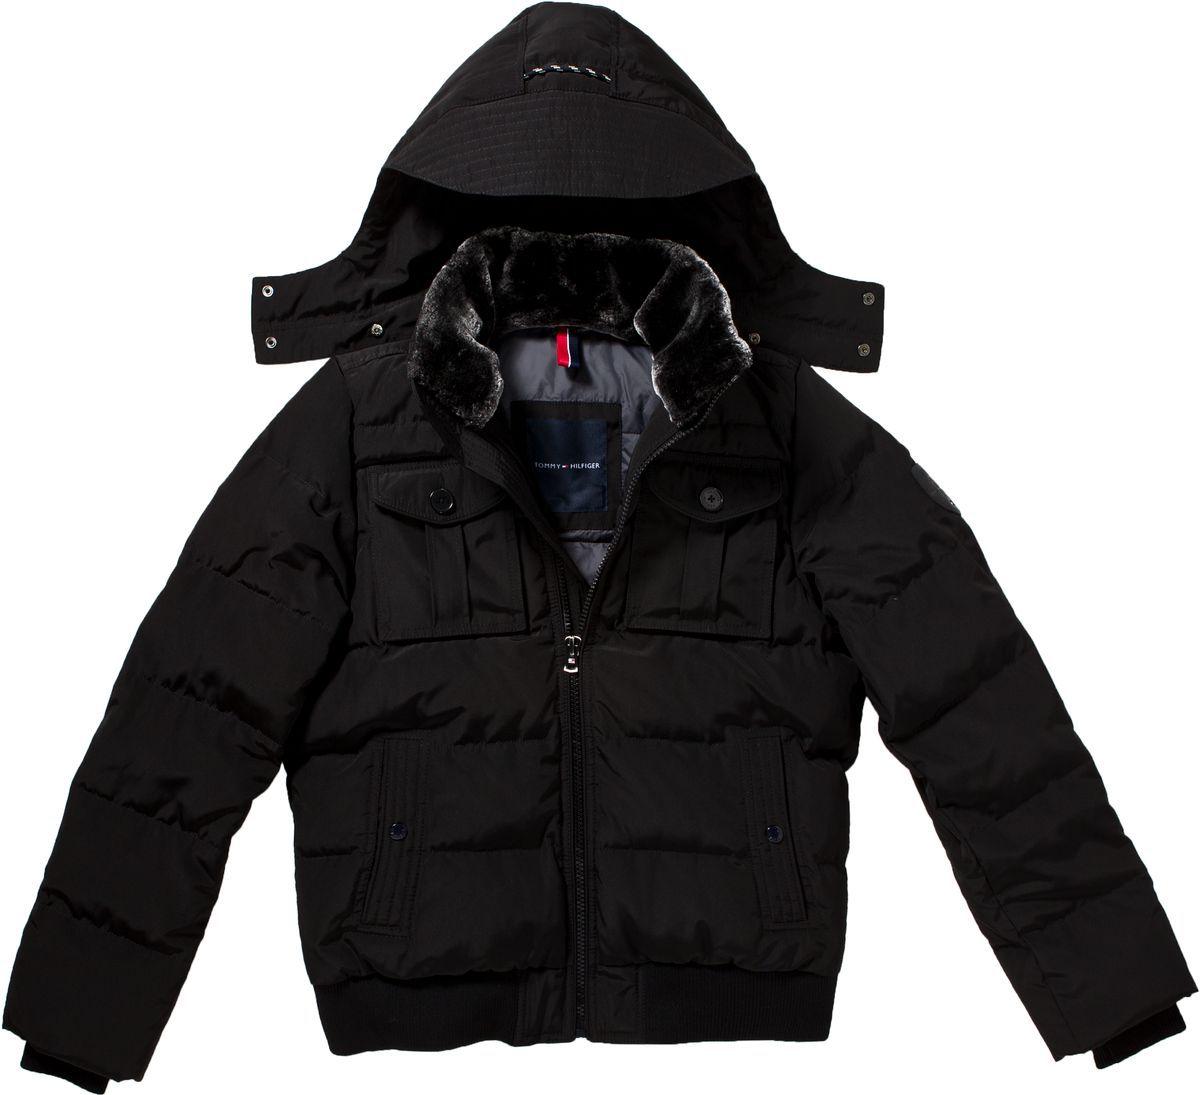 tommy hilfiger doug bomber jacket in black for men lyst. Black Bedroom Furniture Sets. Home Design Ideas